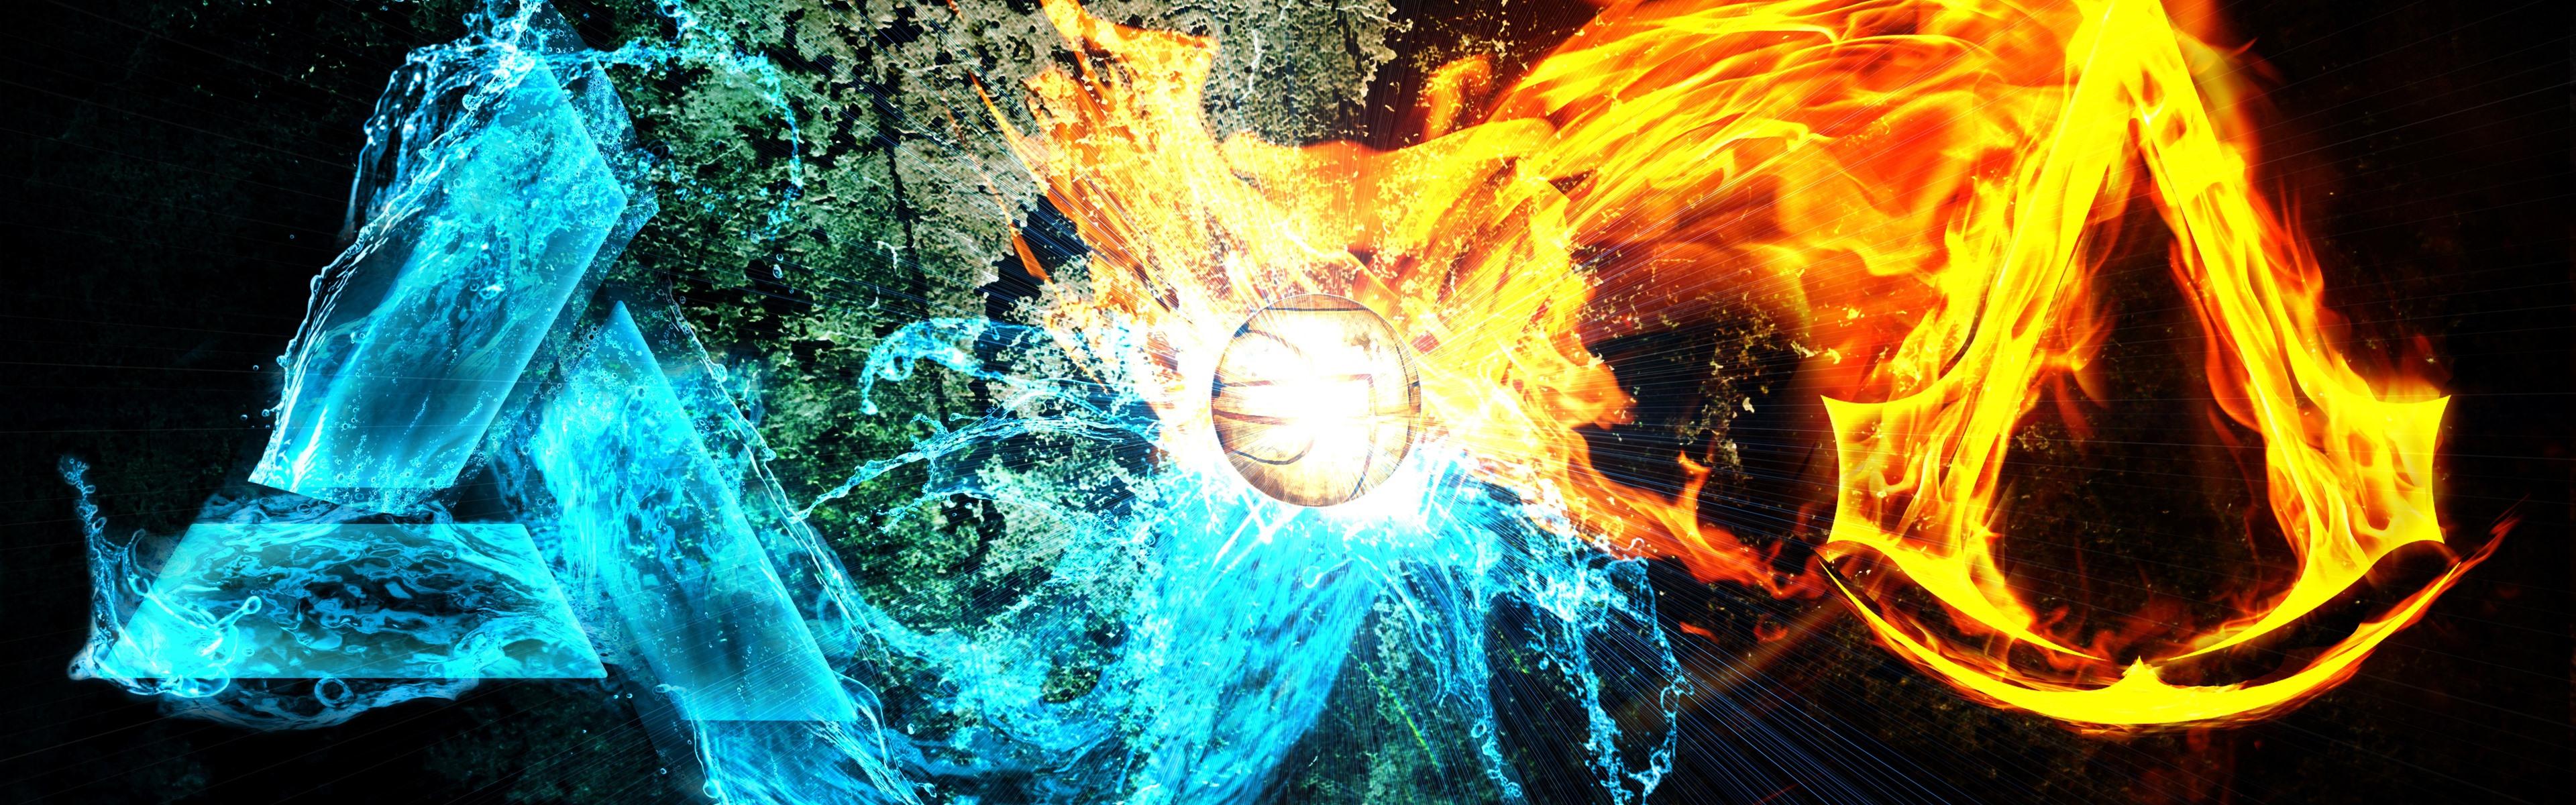 совпадение картинки искра огонь и вода этом тесте будут